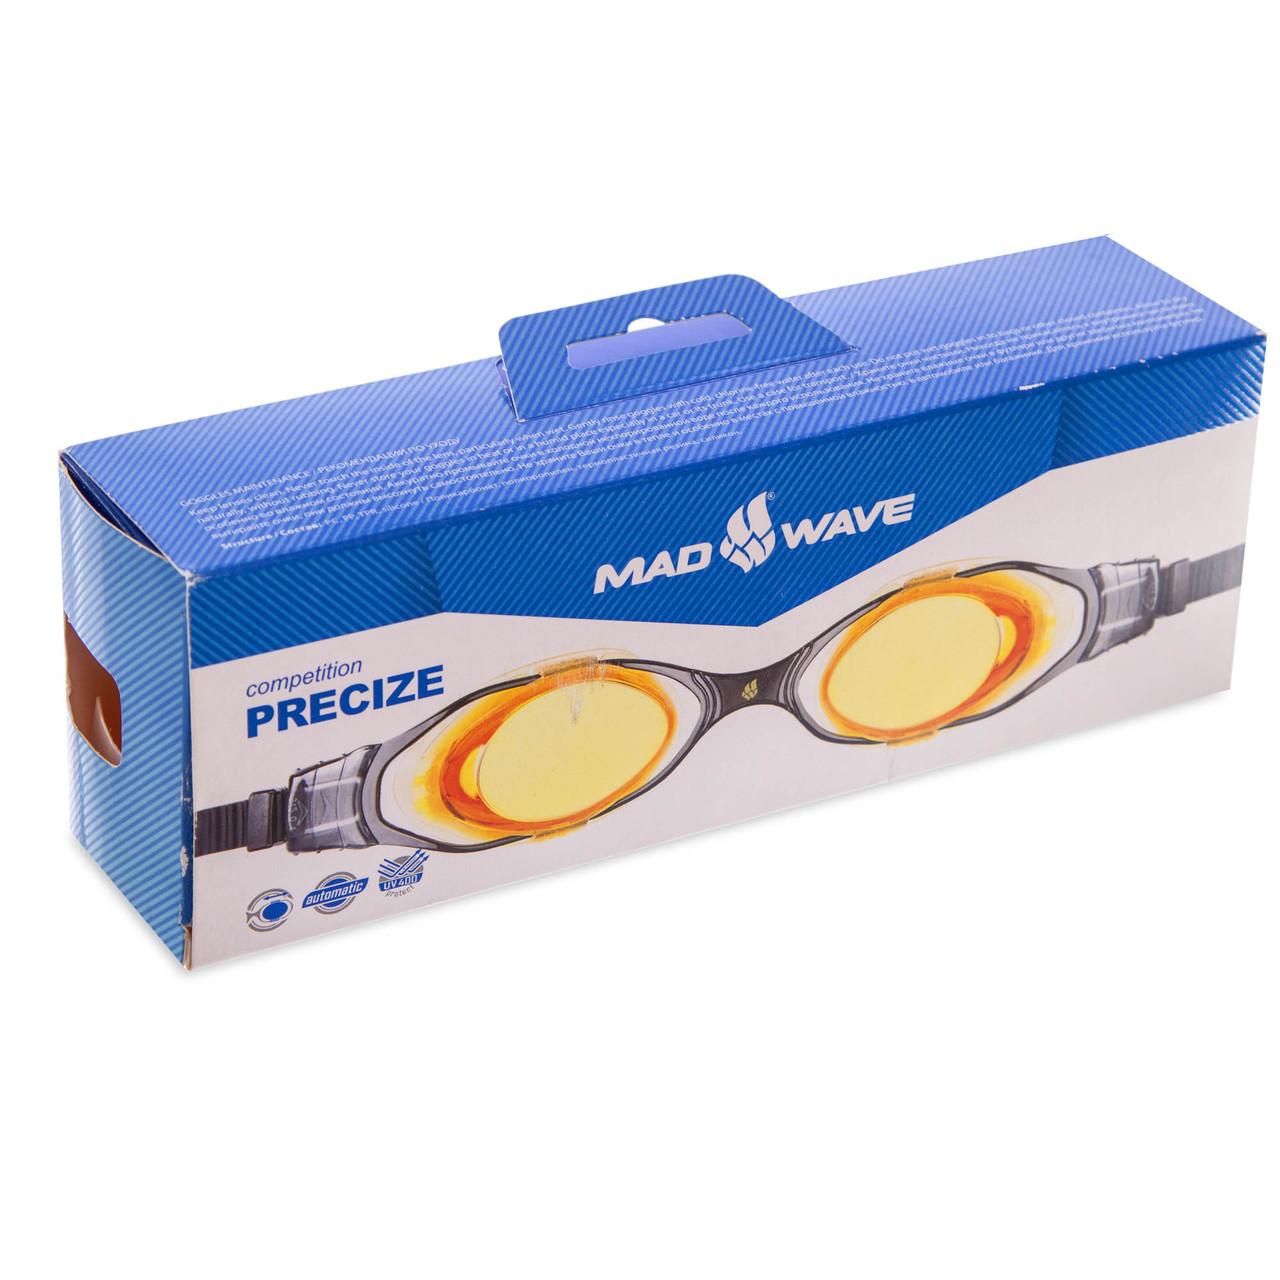 Очки для плавания MadWave PRECIZE M045101 (поликарбонат, силикон, цвета в ассортименте)